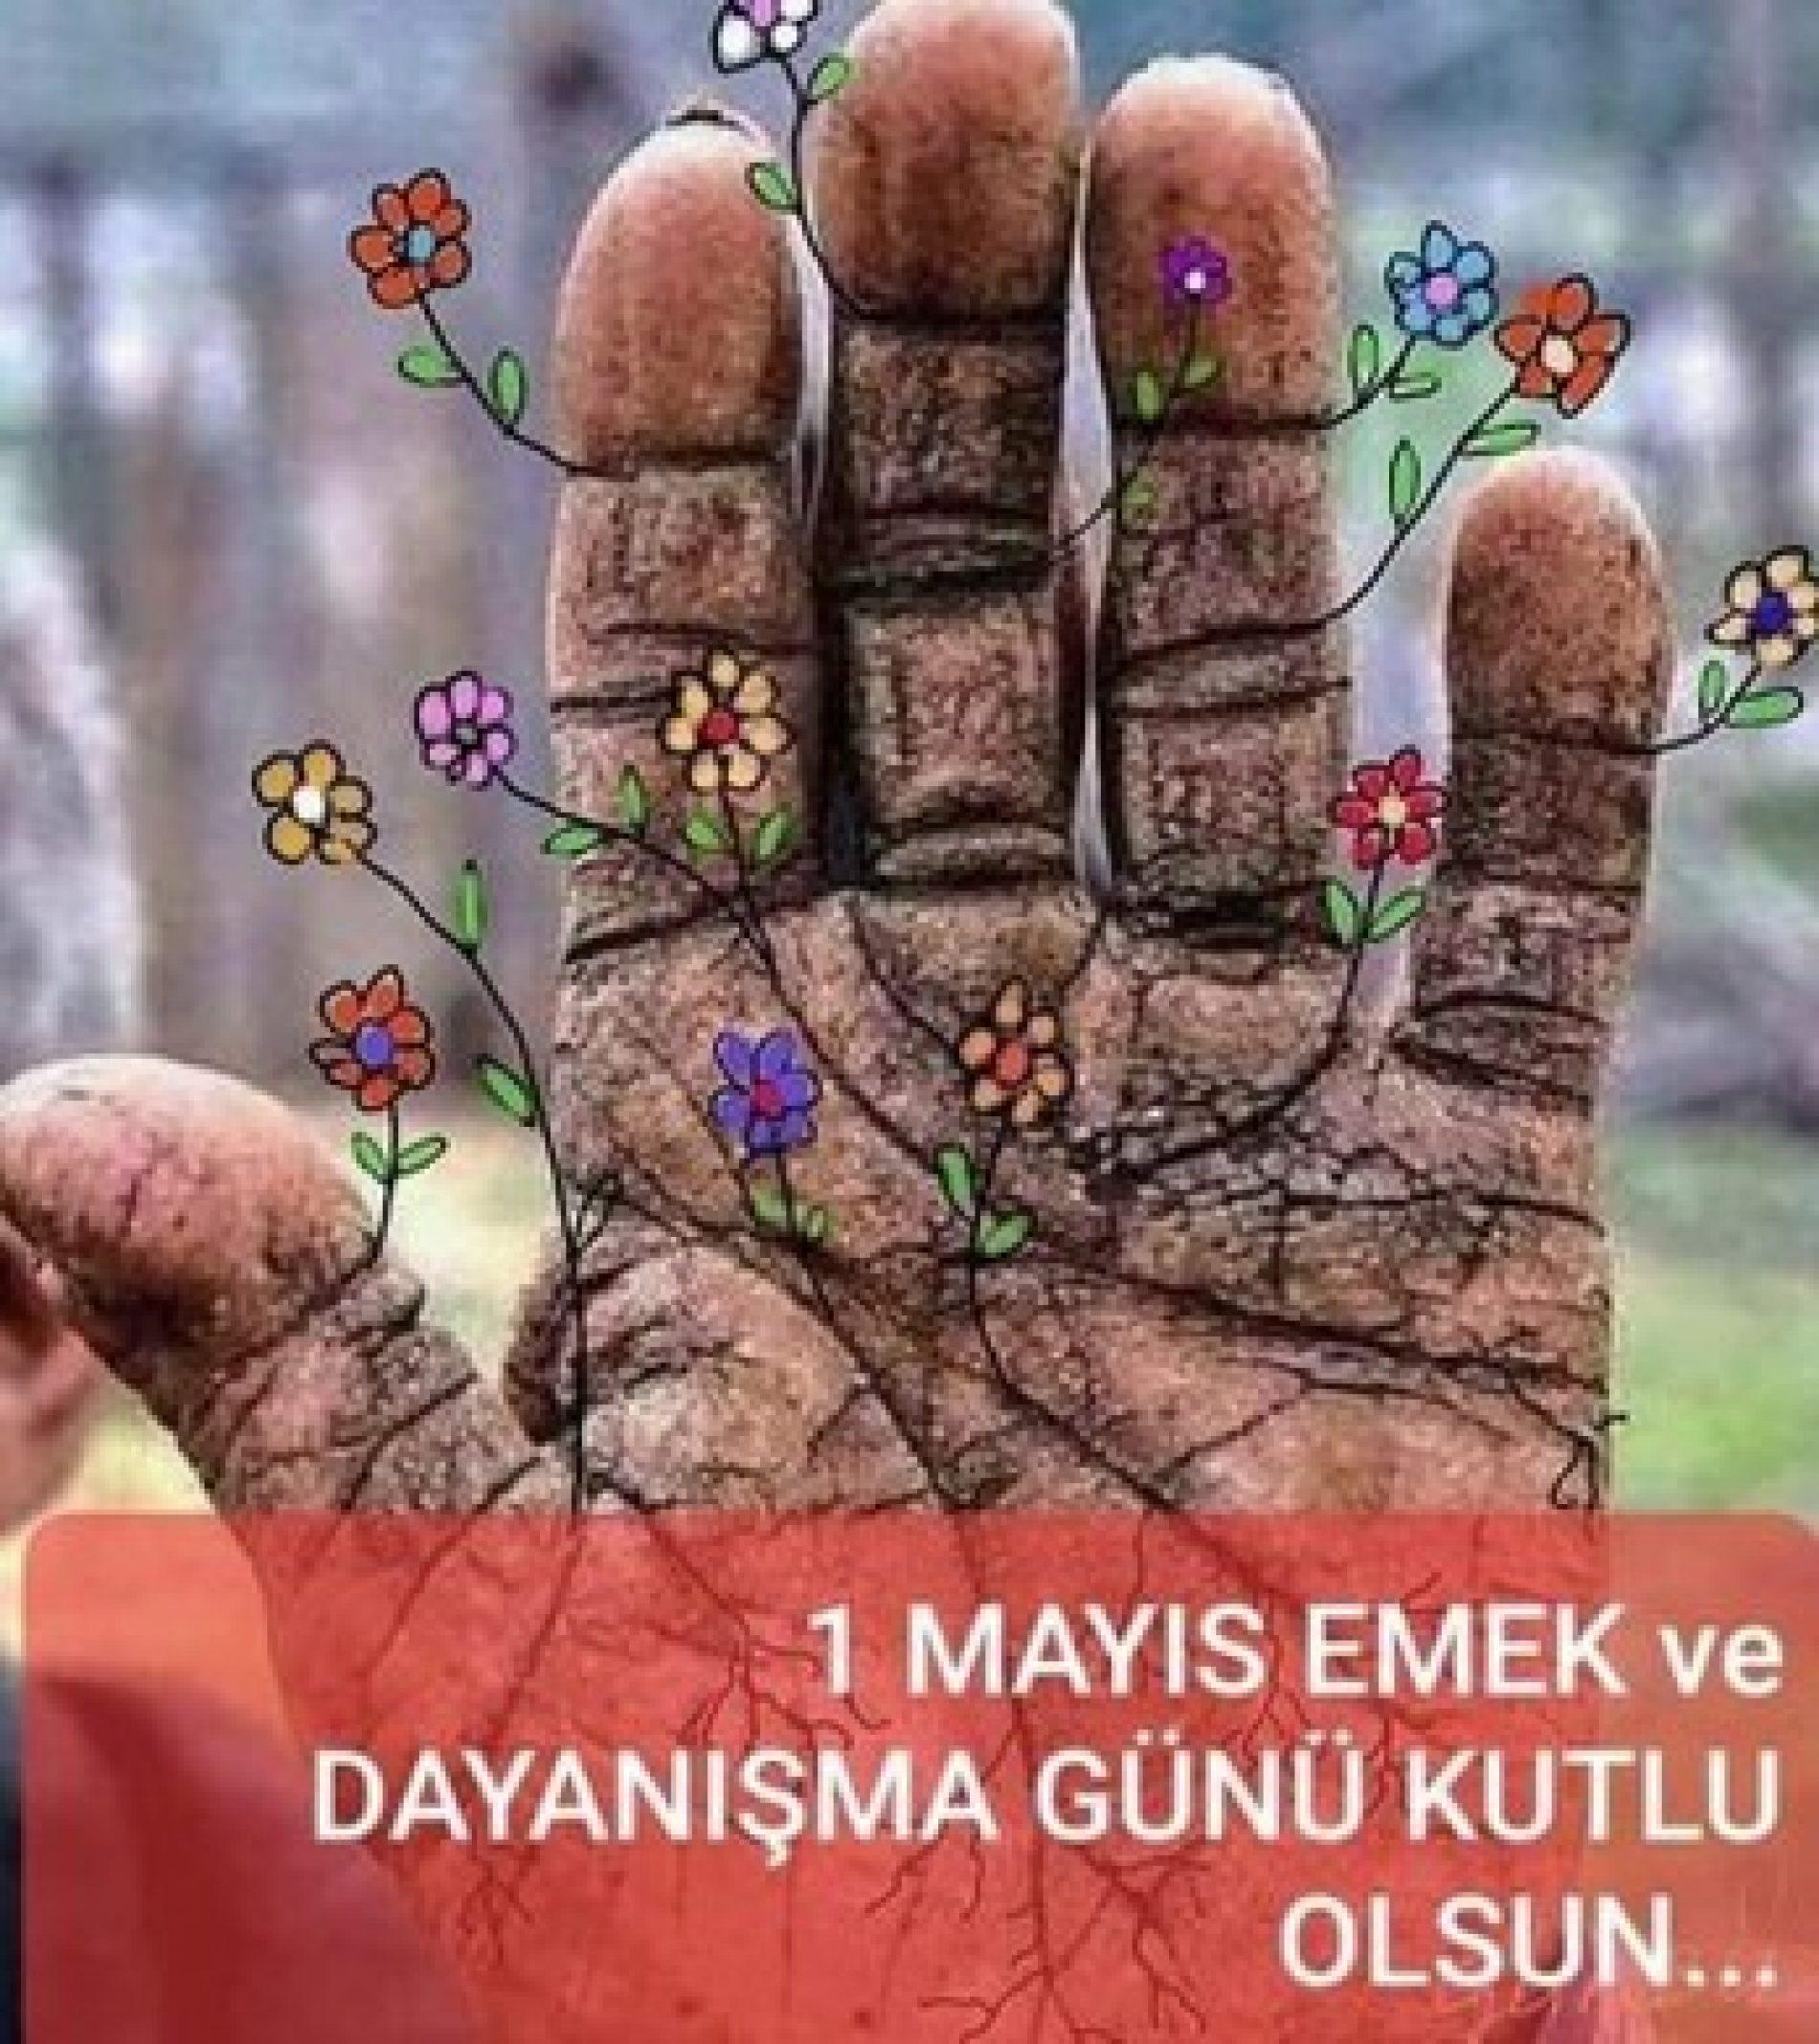 TYSD Genel Merkezimiz ve 132 Şubemizin 1 Mayıs Emek ve Dayanışma Günü Kutlama Mesajı